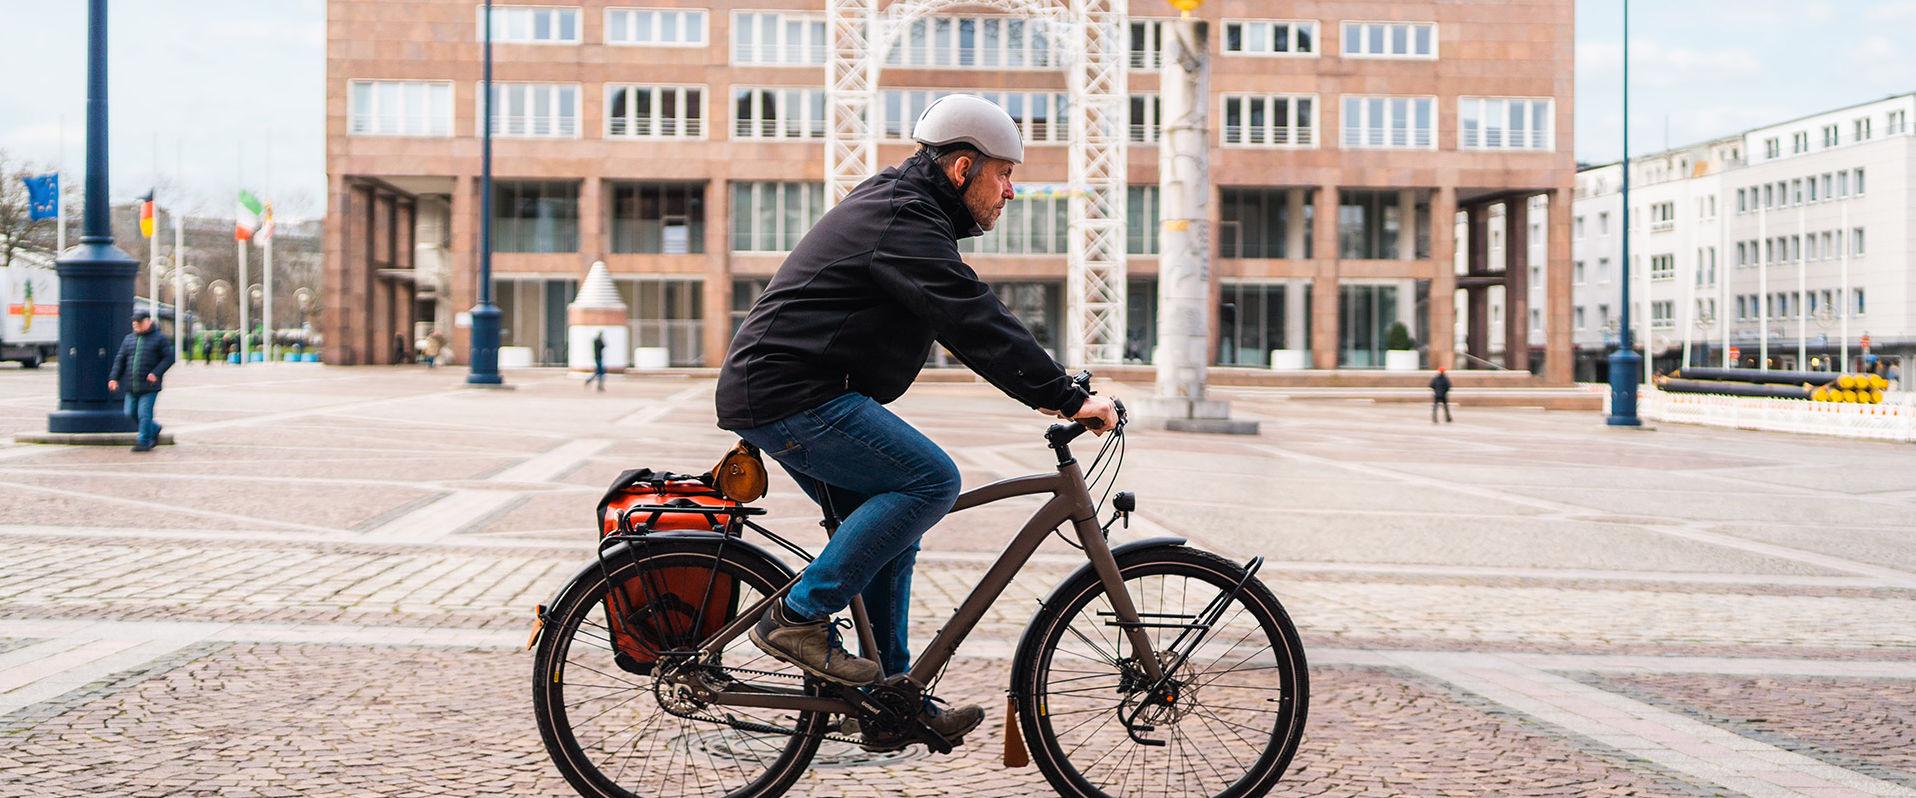 Botschafter Daniel auf seinem Fahrrad vor dem Dortmunder Rathaus